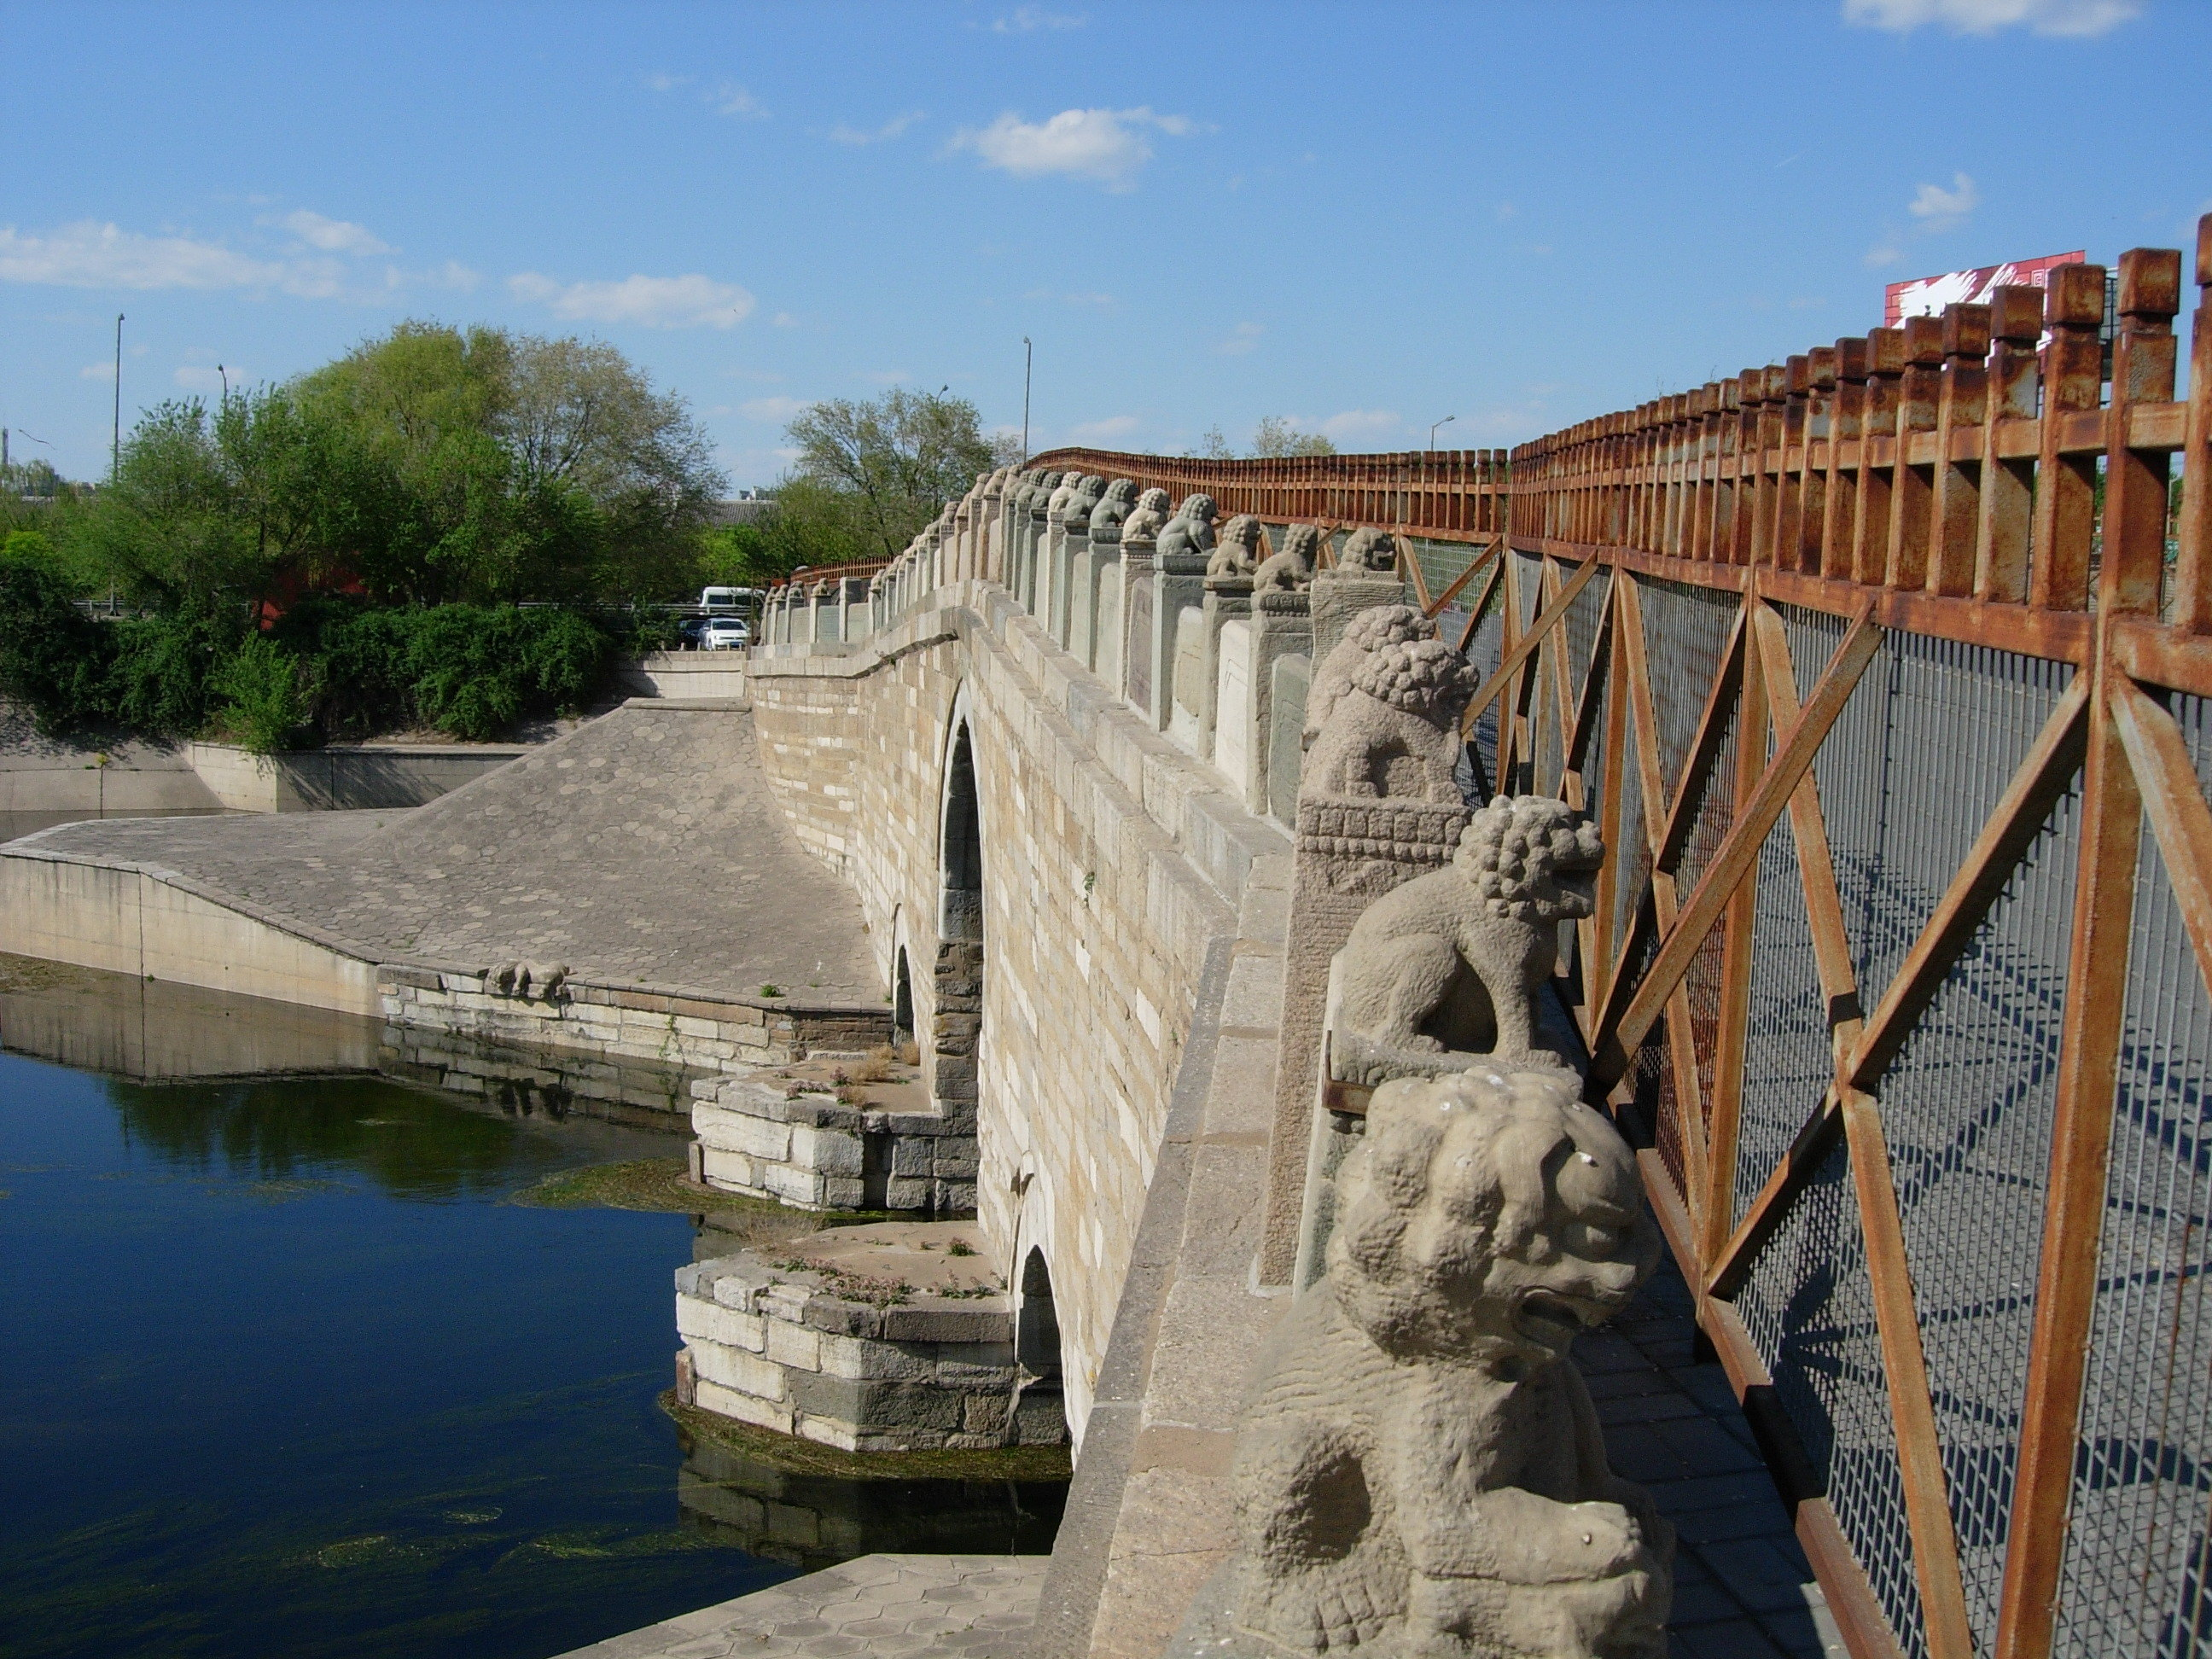 【携程攻略】通州区八里桥景点,八里桥,原名永通桥,是